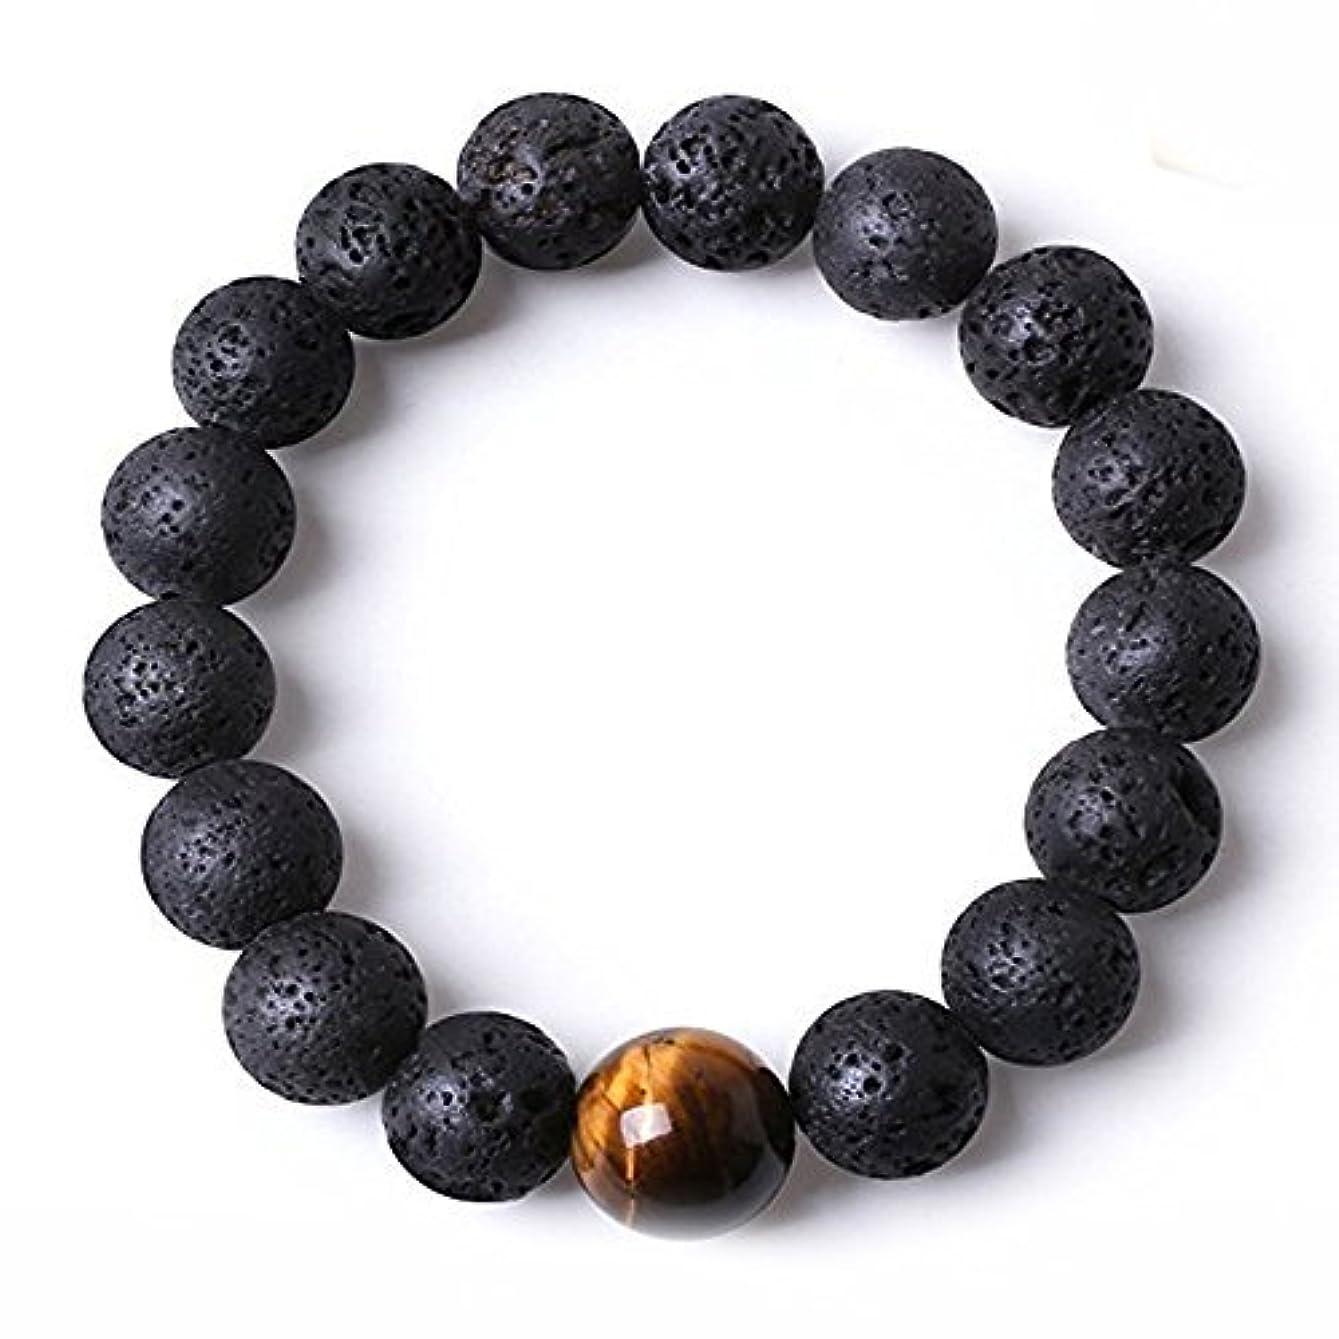 陪審クリアストライドDiffuserブレスレットW / 7チャクラLava stones-mens Womens純正のヨガブレスレットヒーリング、アロマセラピー、瞑想、自然、エッセンシャルオイル、自己自信、LoveフリーアロマテラピーBook...